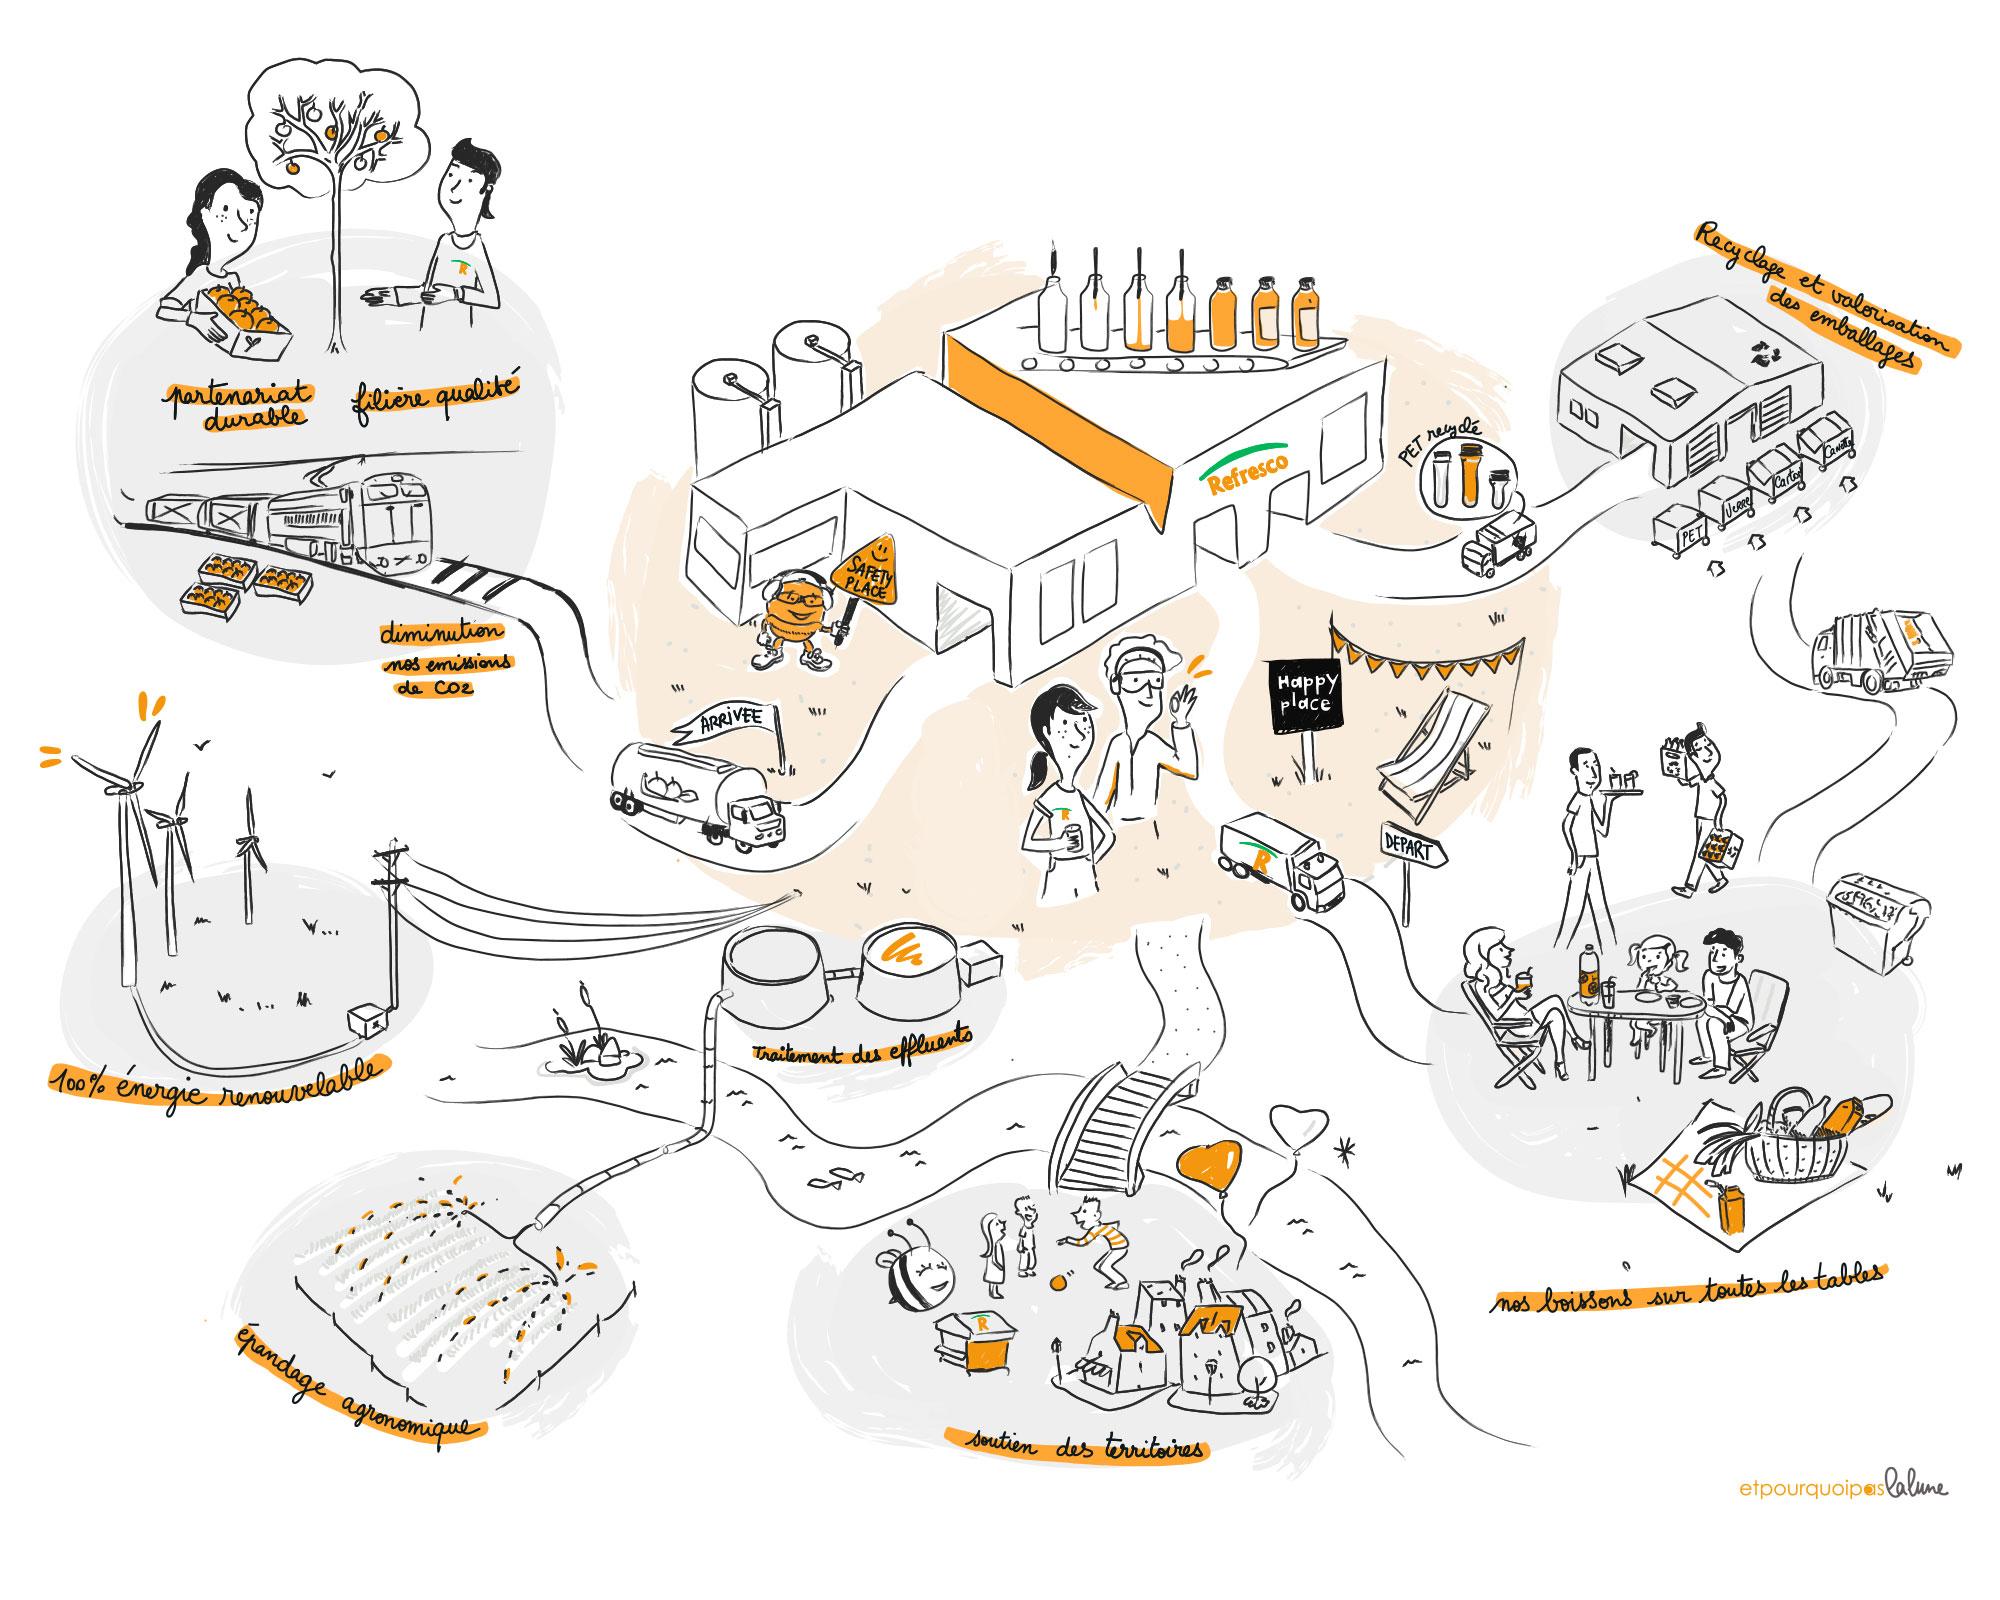 Illustration de toute la démarche RSE pour REFESCO, base qui servira à la mise en vidéo motion design ensuite.